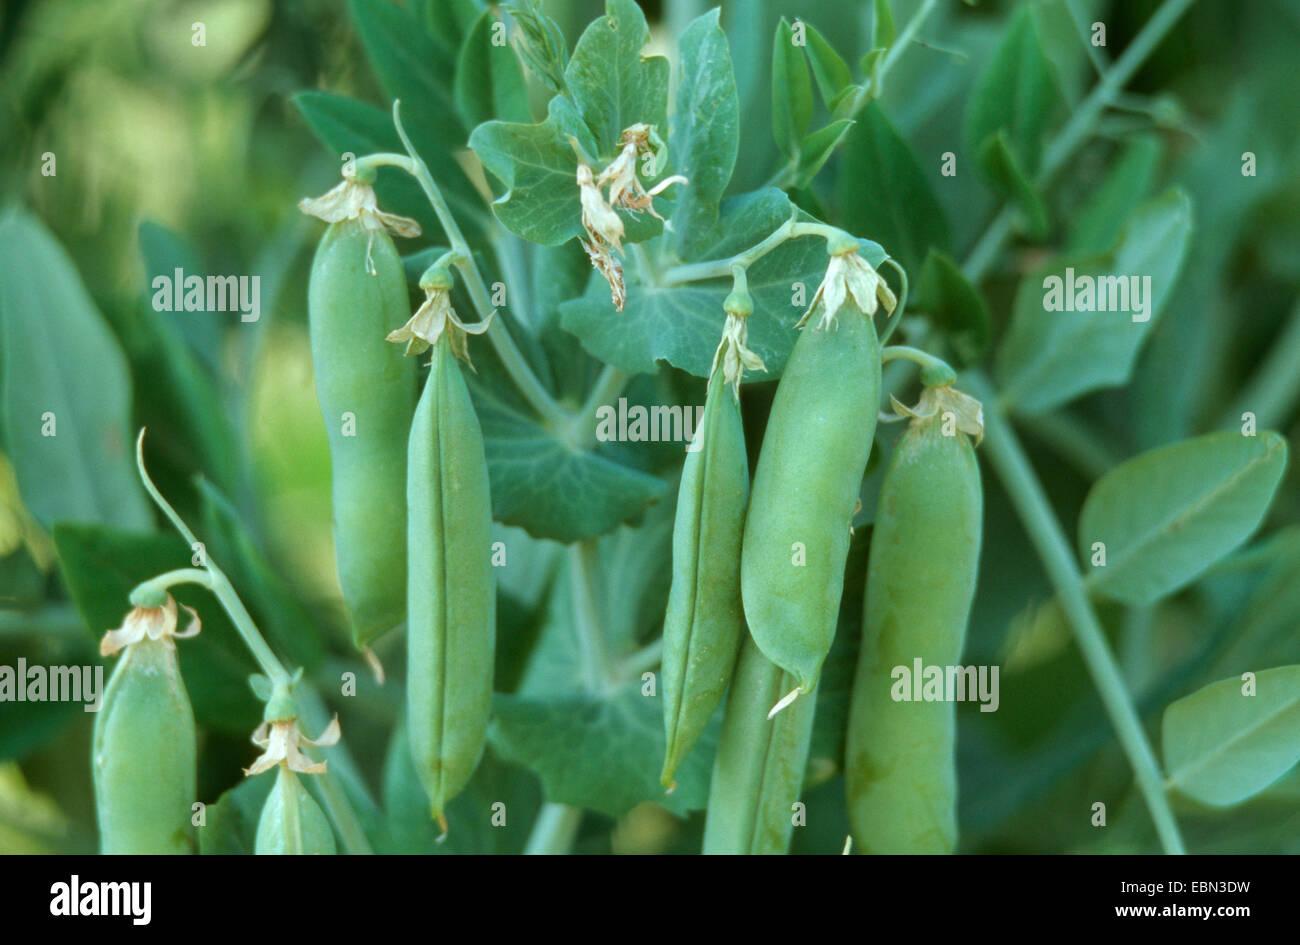 garden pea (Pisum sativum ssp. sativum), fruits - Stock Image